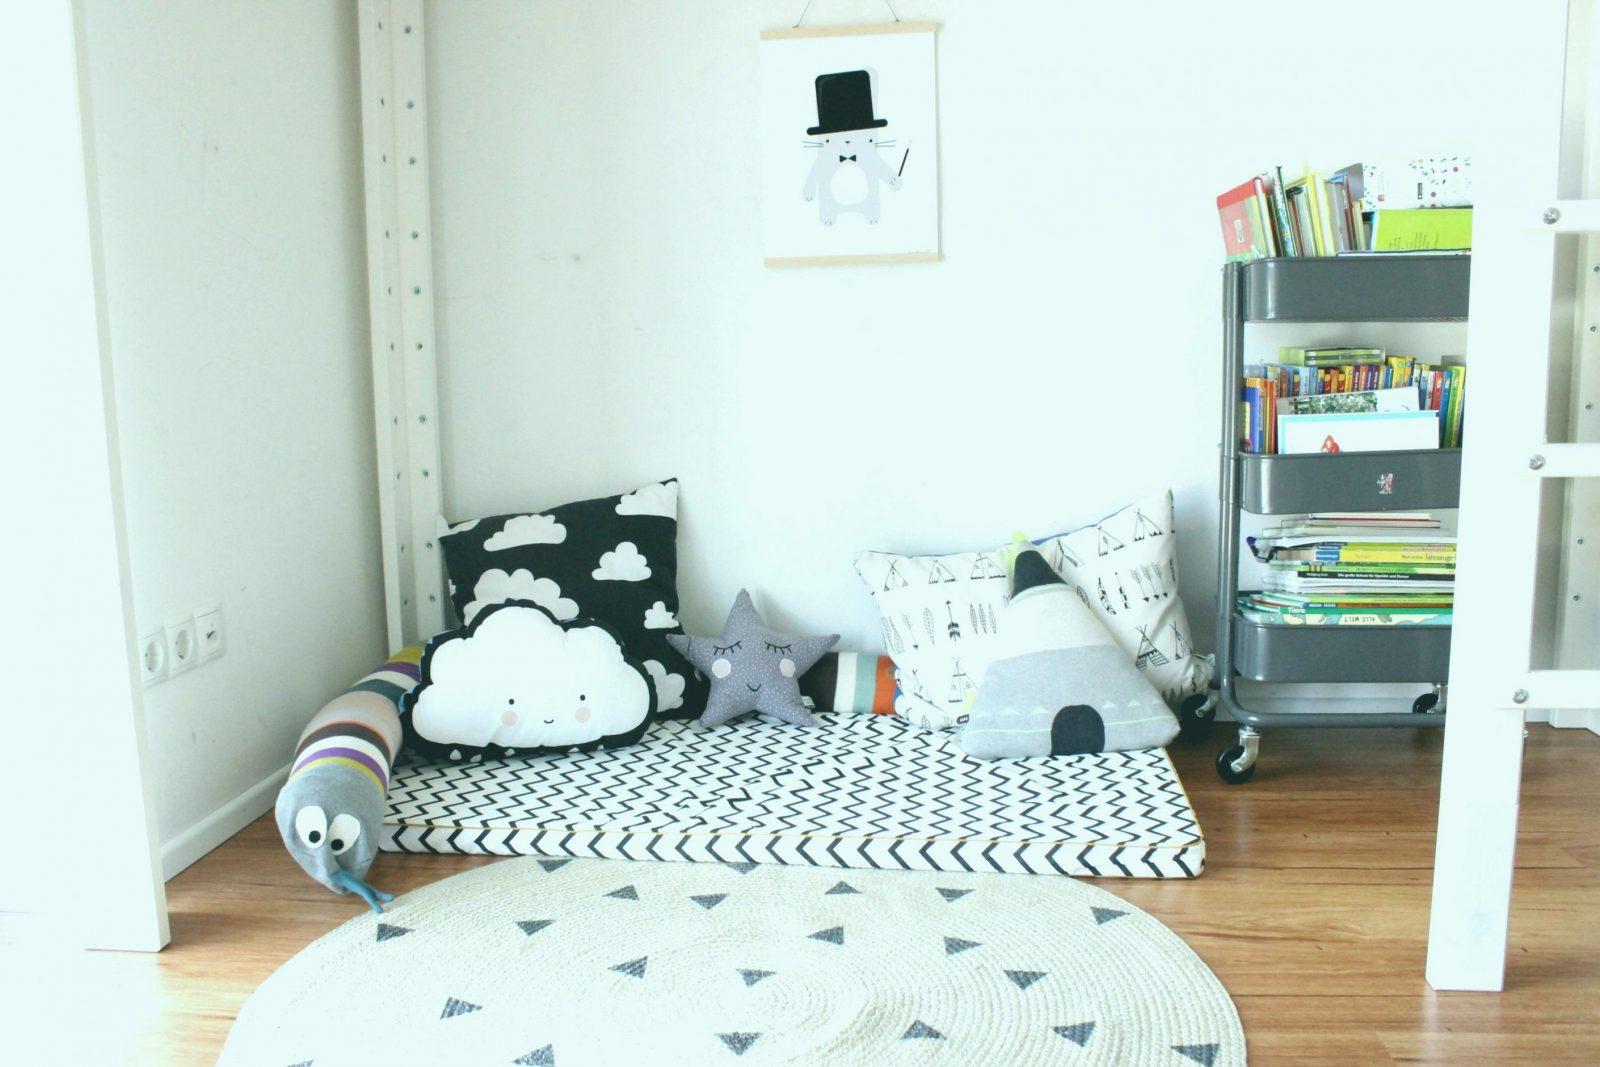 Matratze Kuschelecke Kinderzimmer Exquisit Kinderzimmer Selber Bauen von Kuschelecke Kinderzimmer Selber Bauen Photo